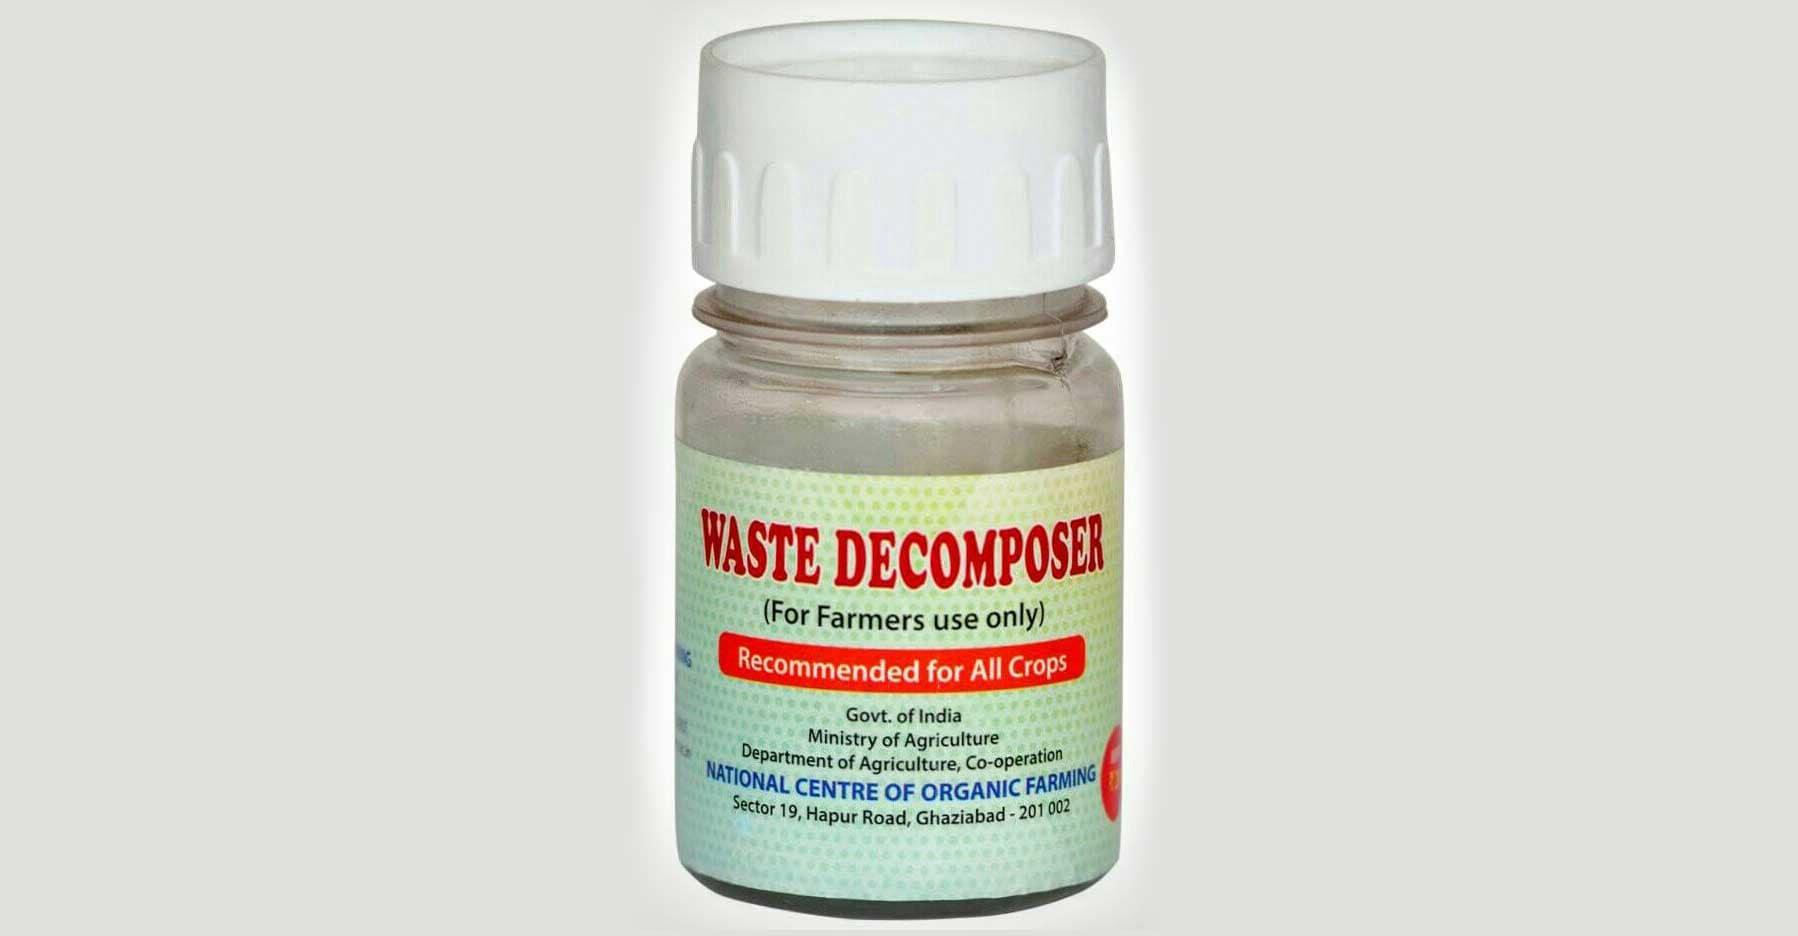 decoposer